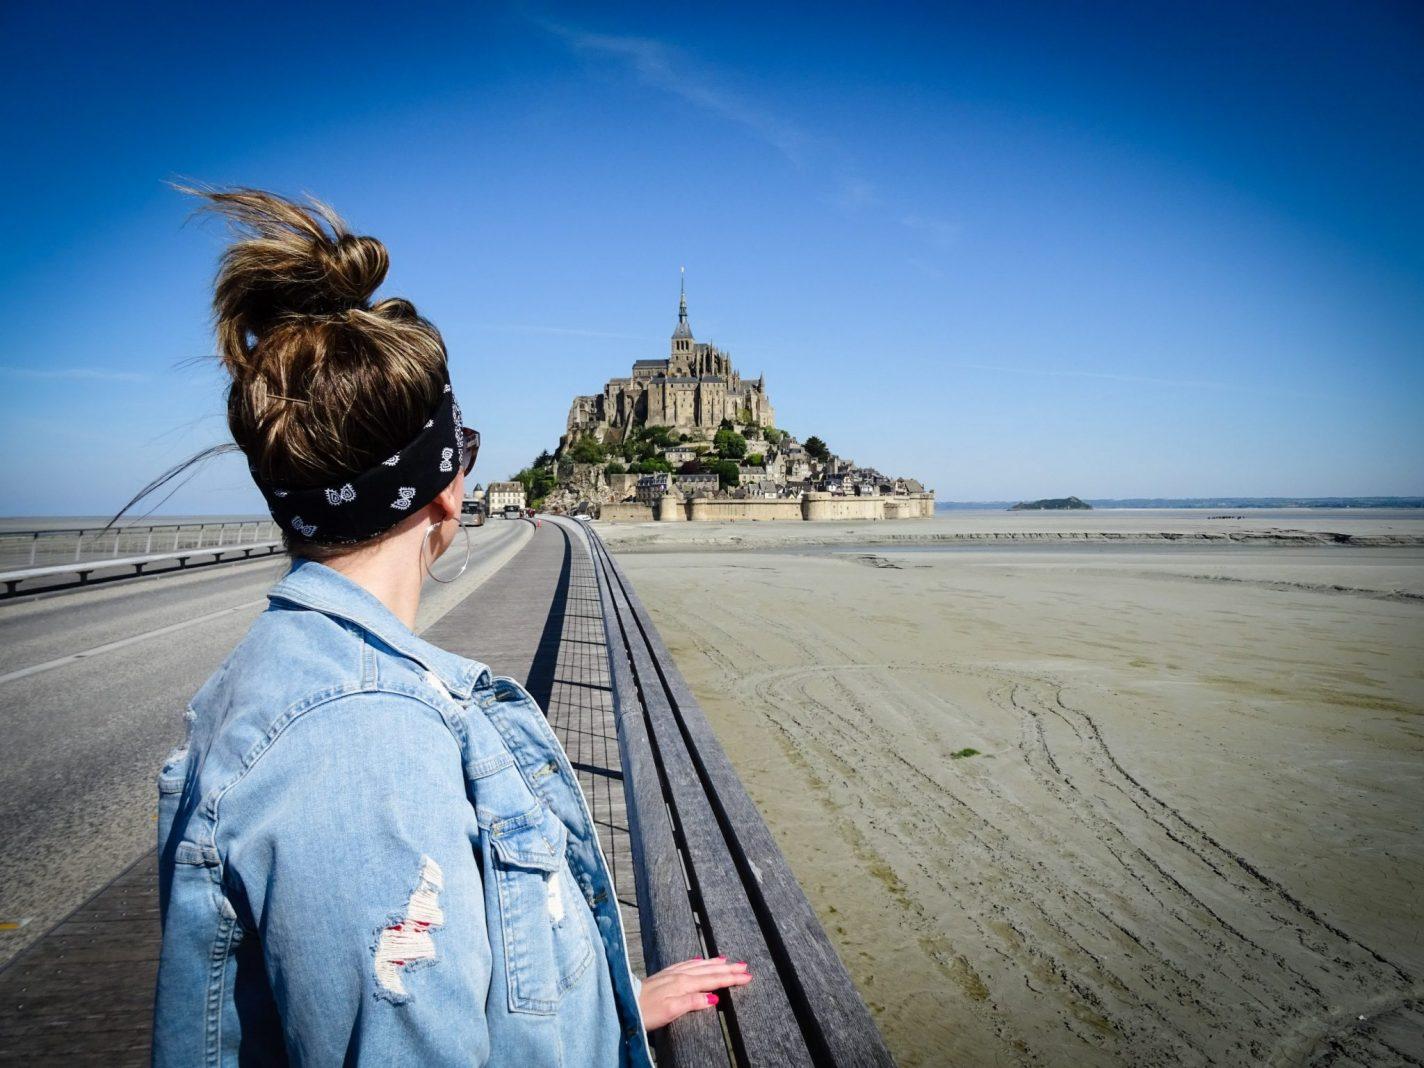 8 indrukwekkende plekken in Normandie - 10 mooie bestemmingen in Europa